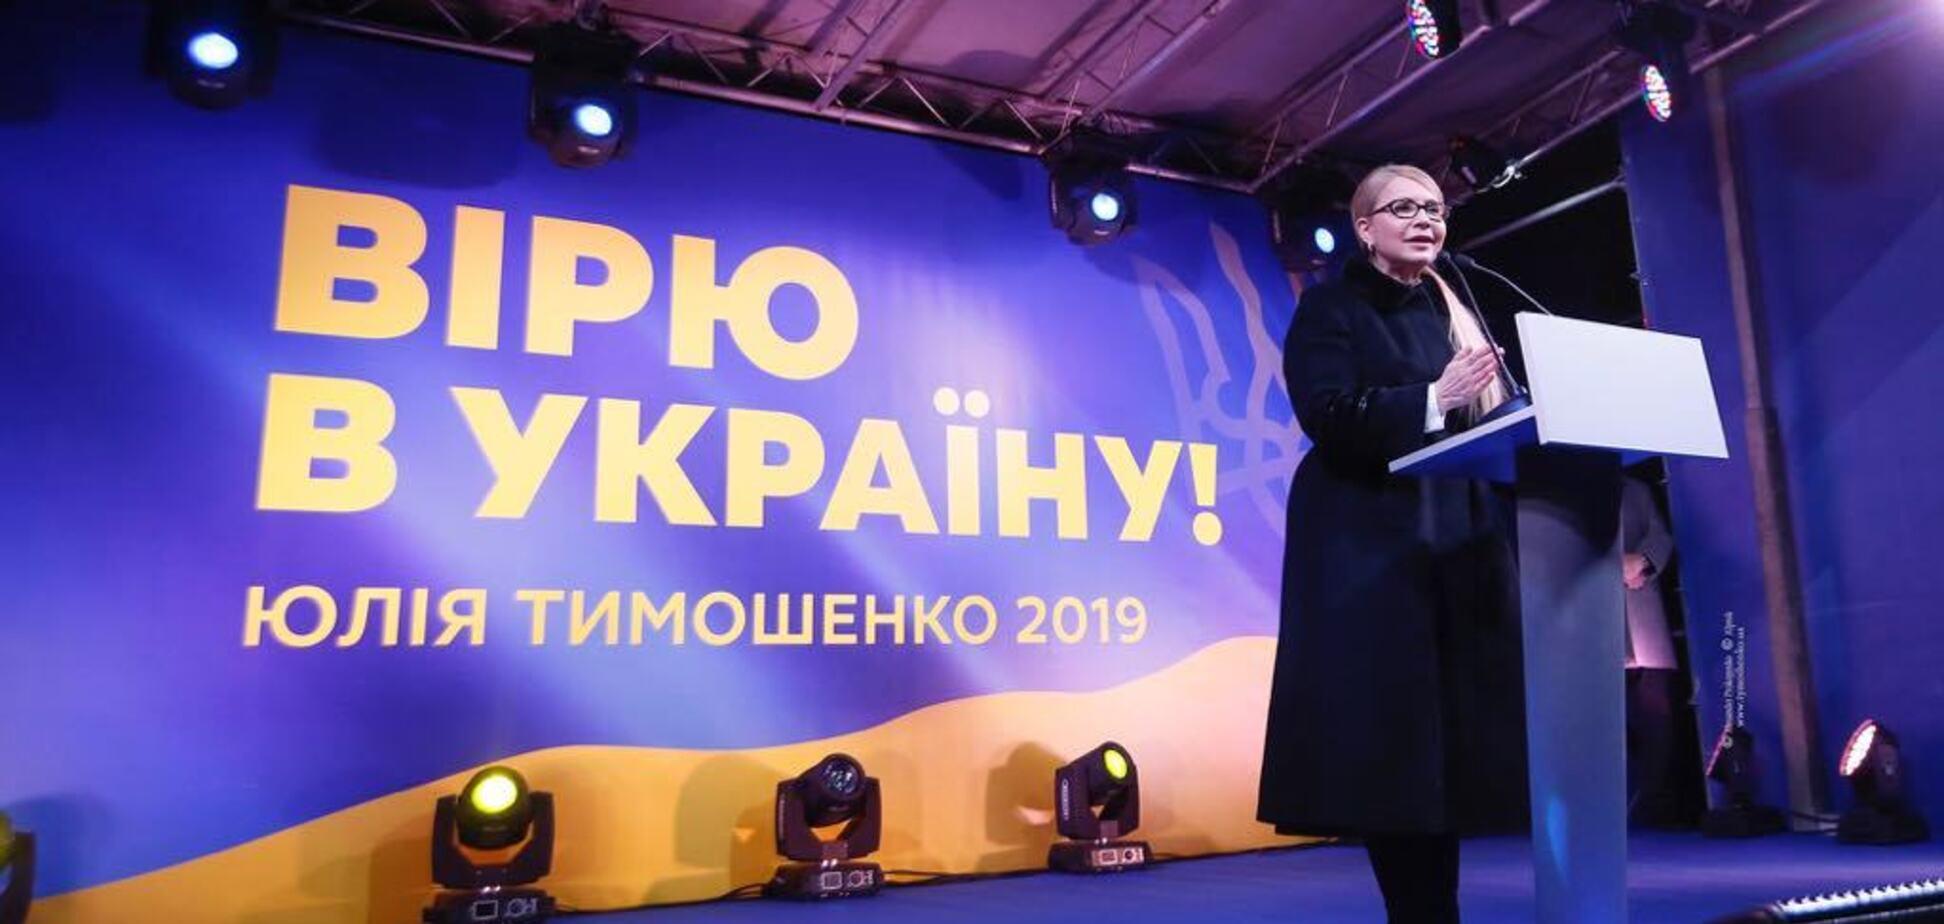 План змін в інтересах звичайних людей: Тимошенко розповіла про Новий курс